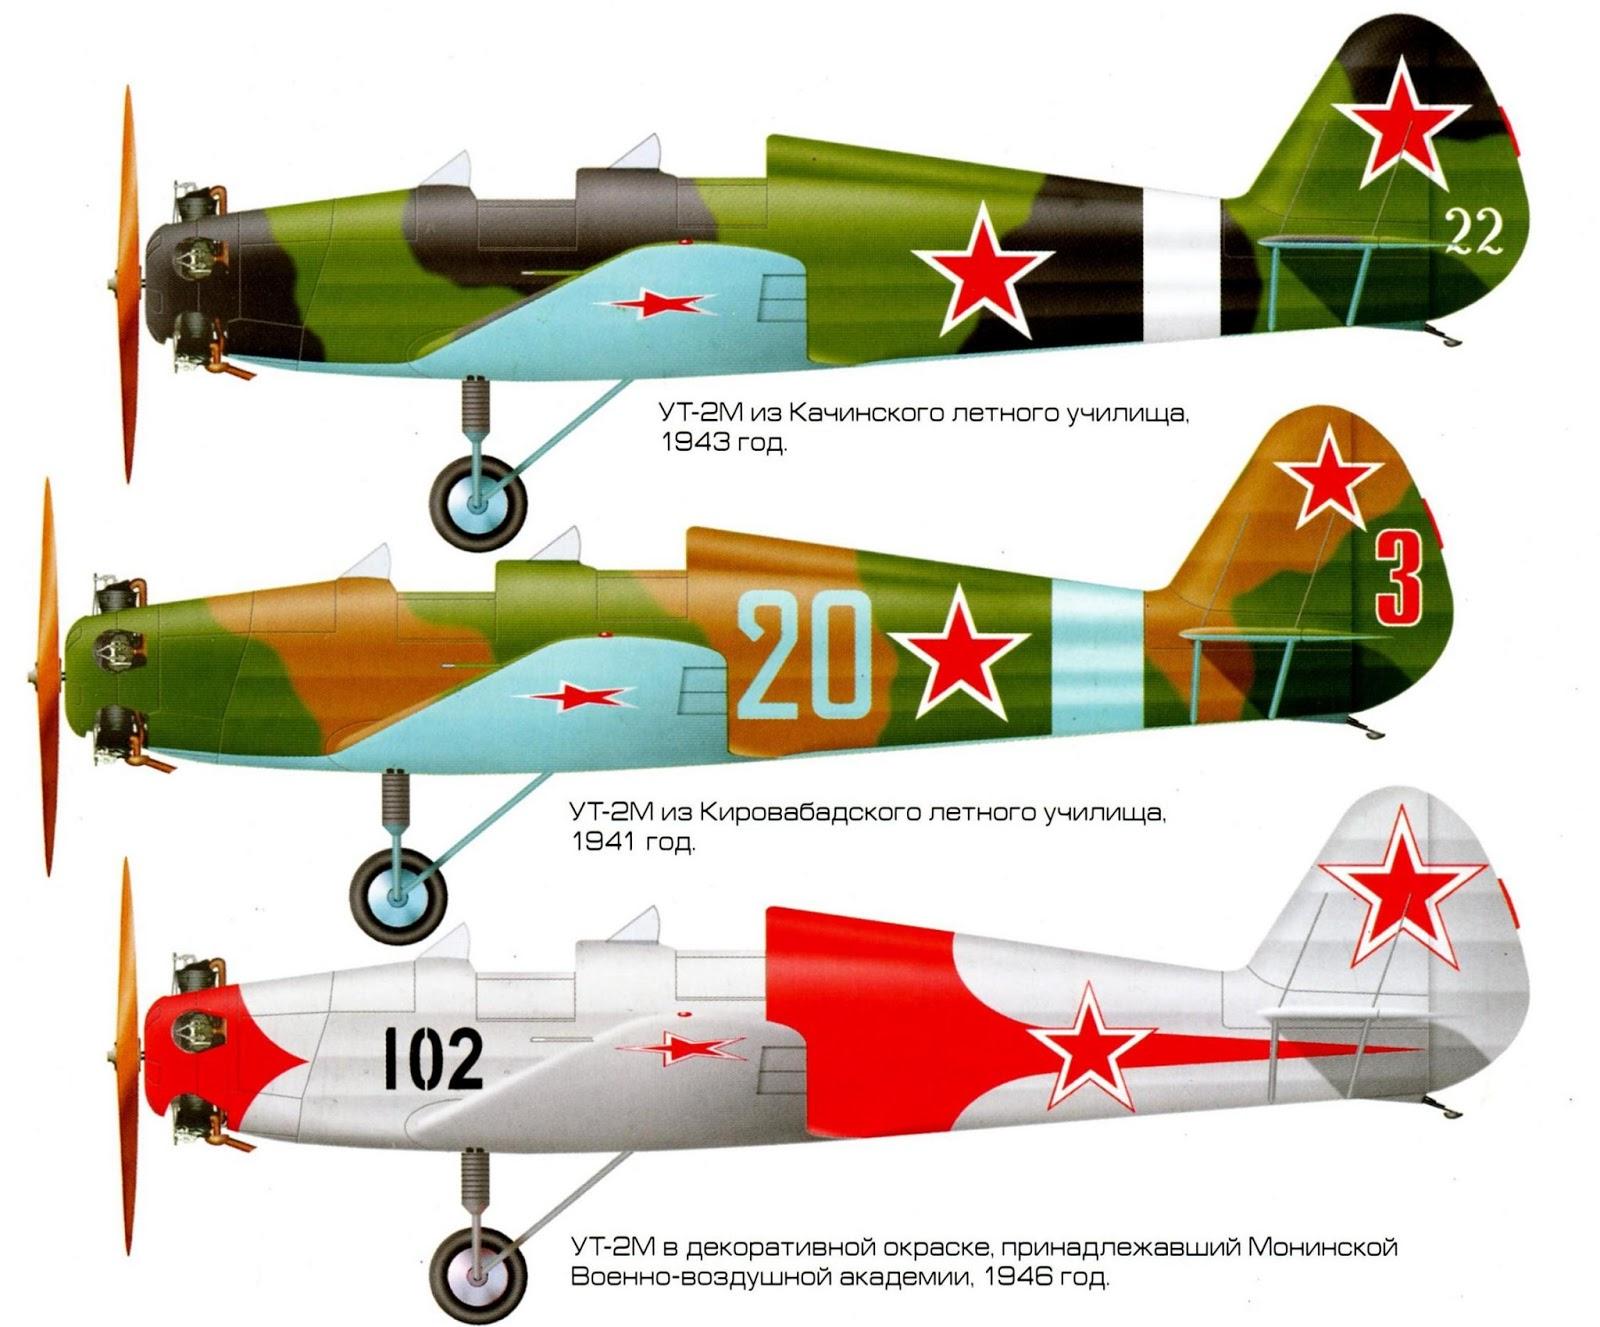 Окраска УТ-2